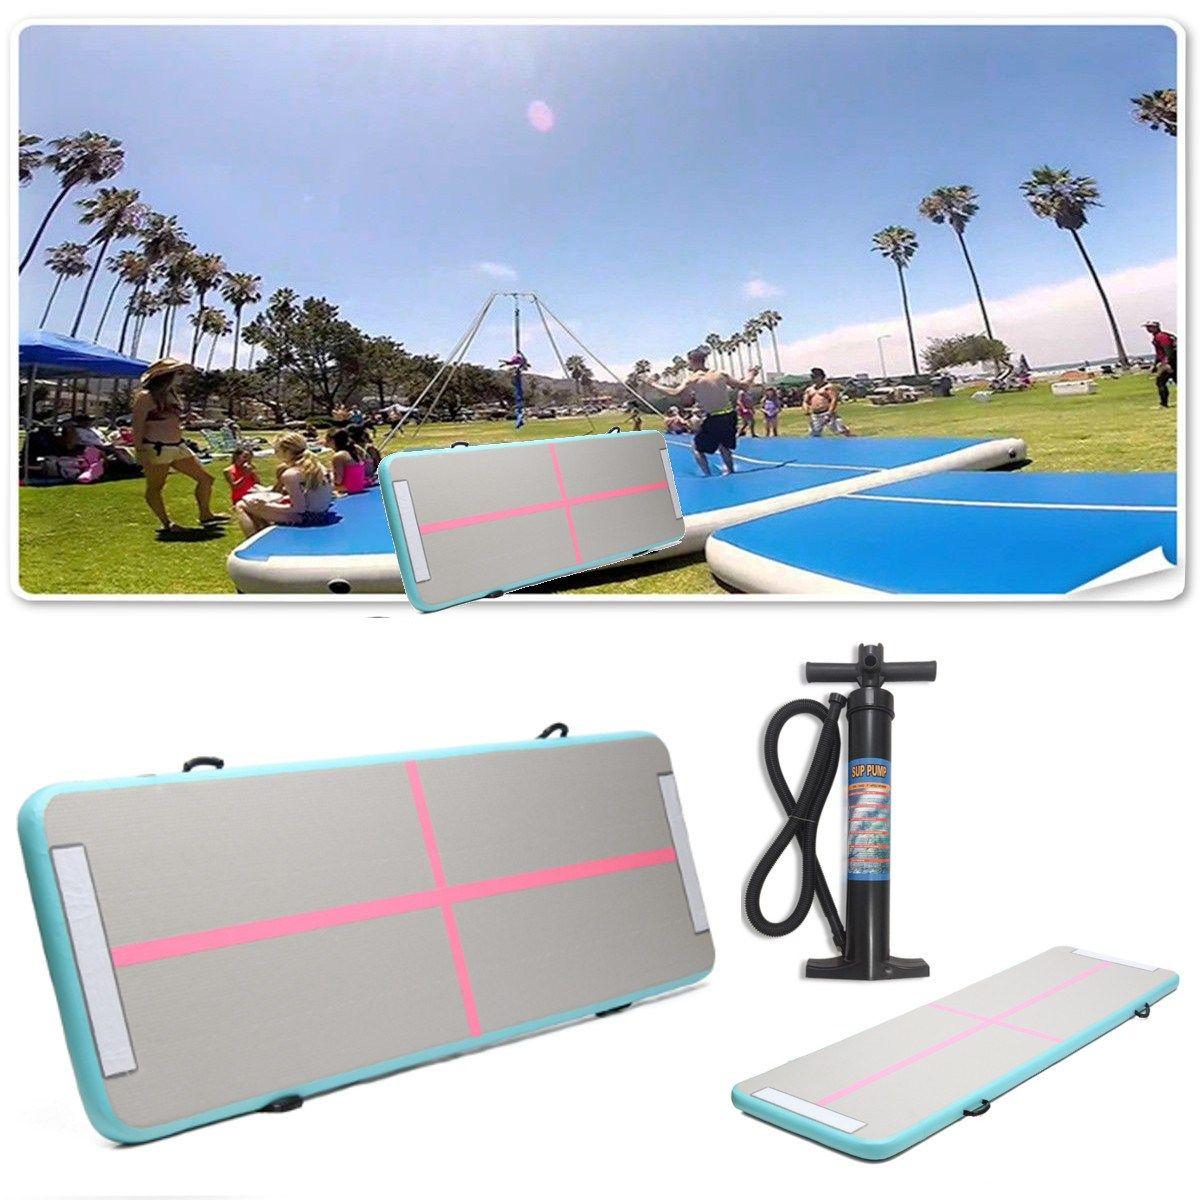 300x90x10 cm Luftkissenbahn Startseite Aufblasbare Gymnastik Taumeln Matte Yoga Ausbildung Pad